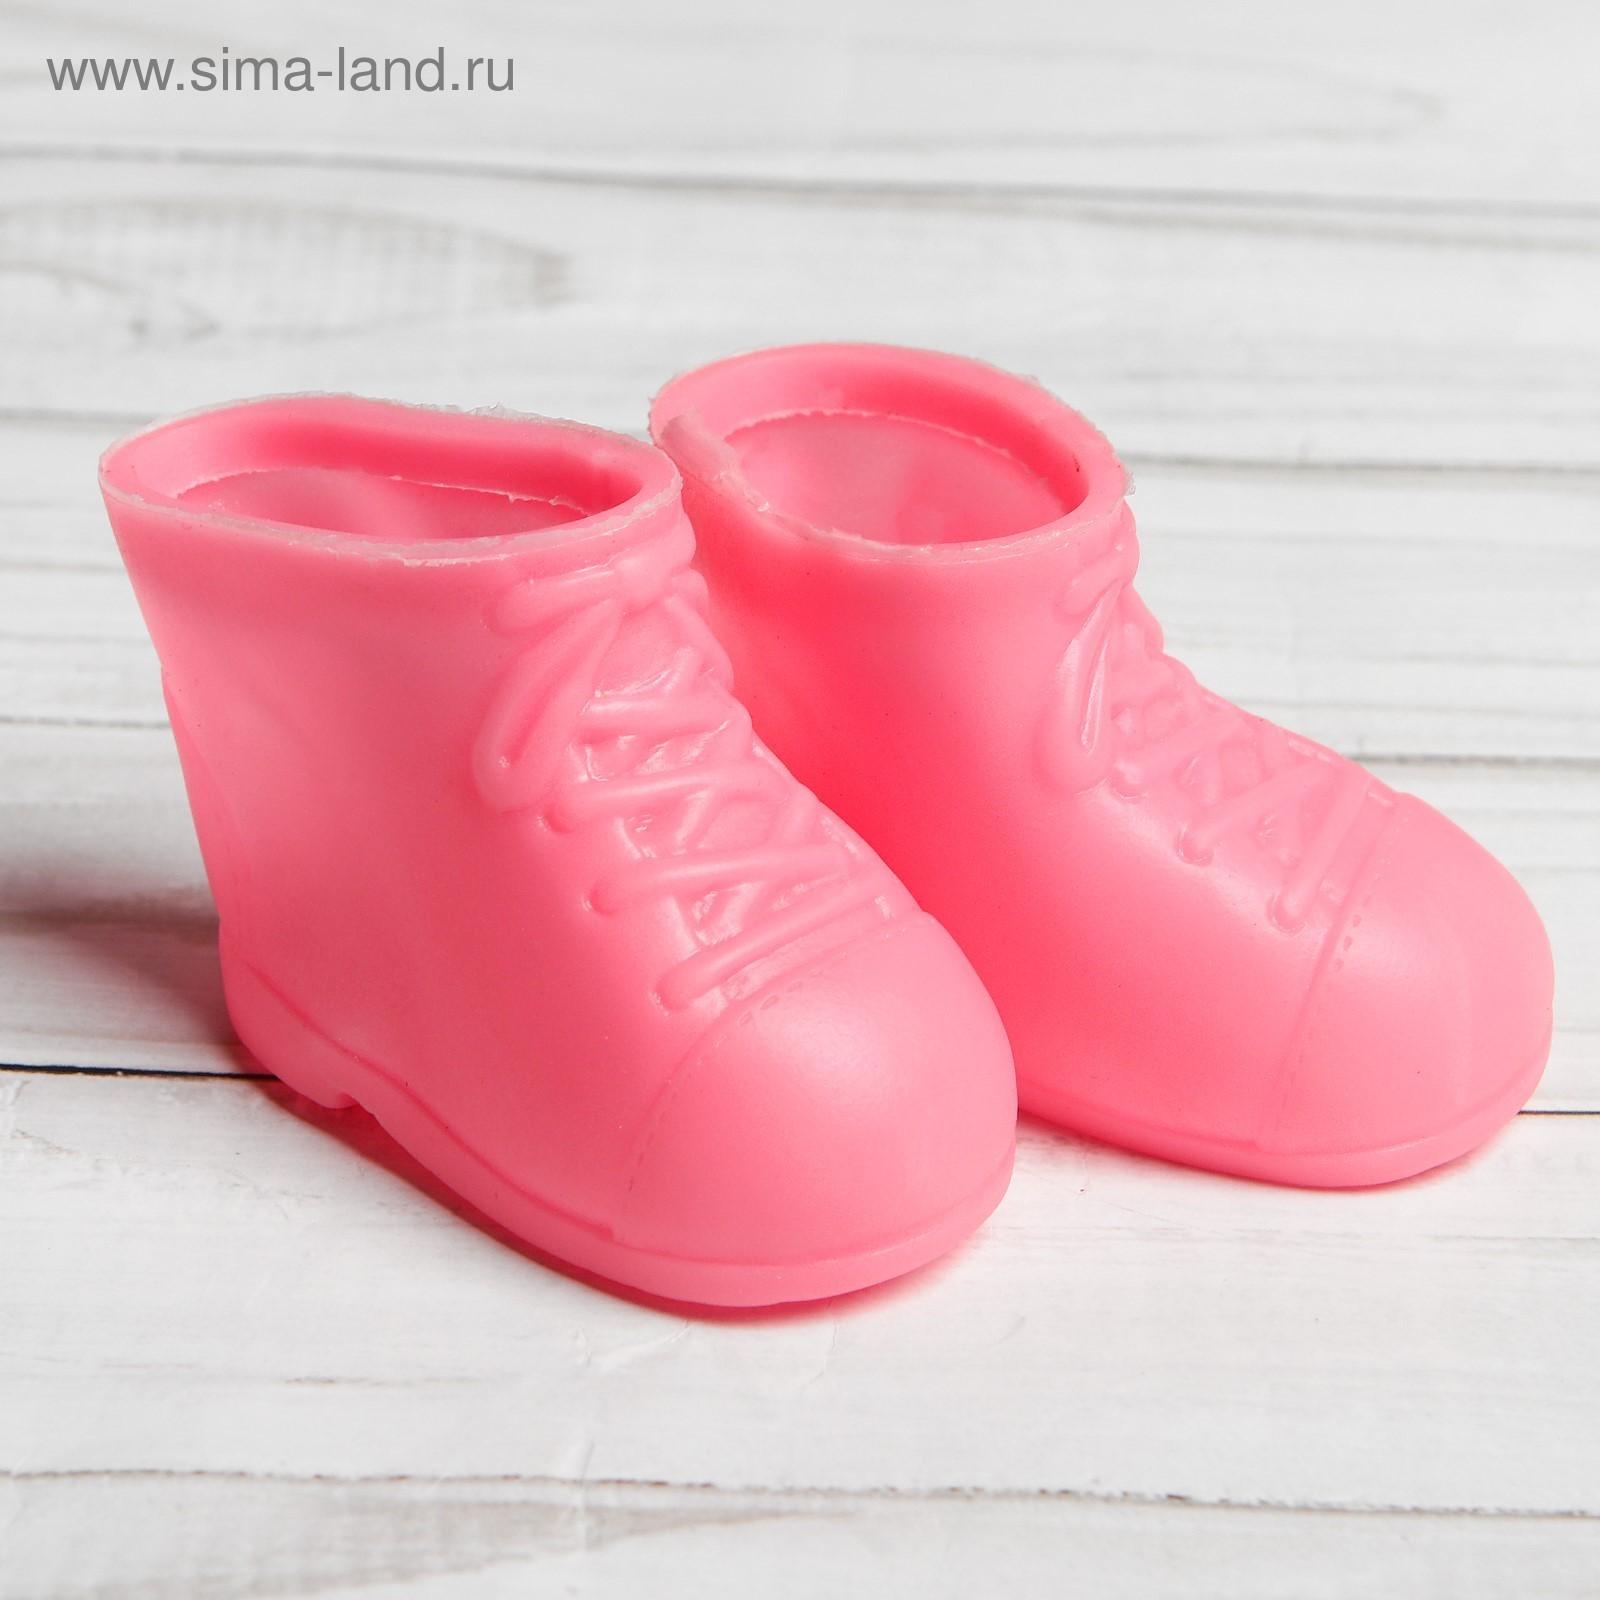 Ботинки для куклы 6,5см Бантики розовые резина